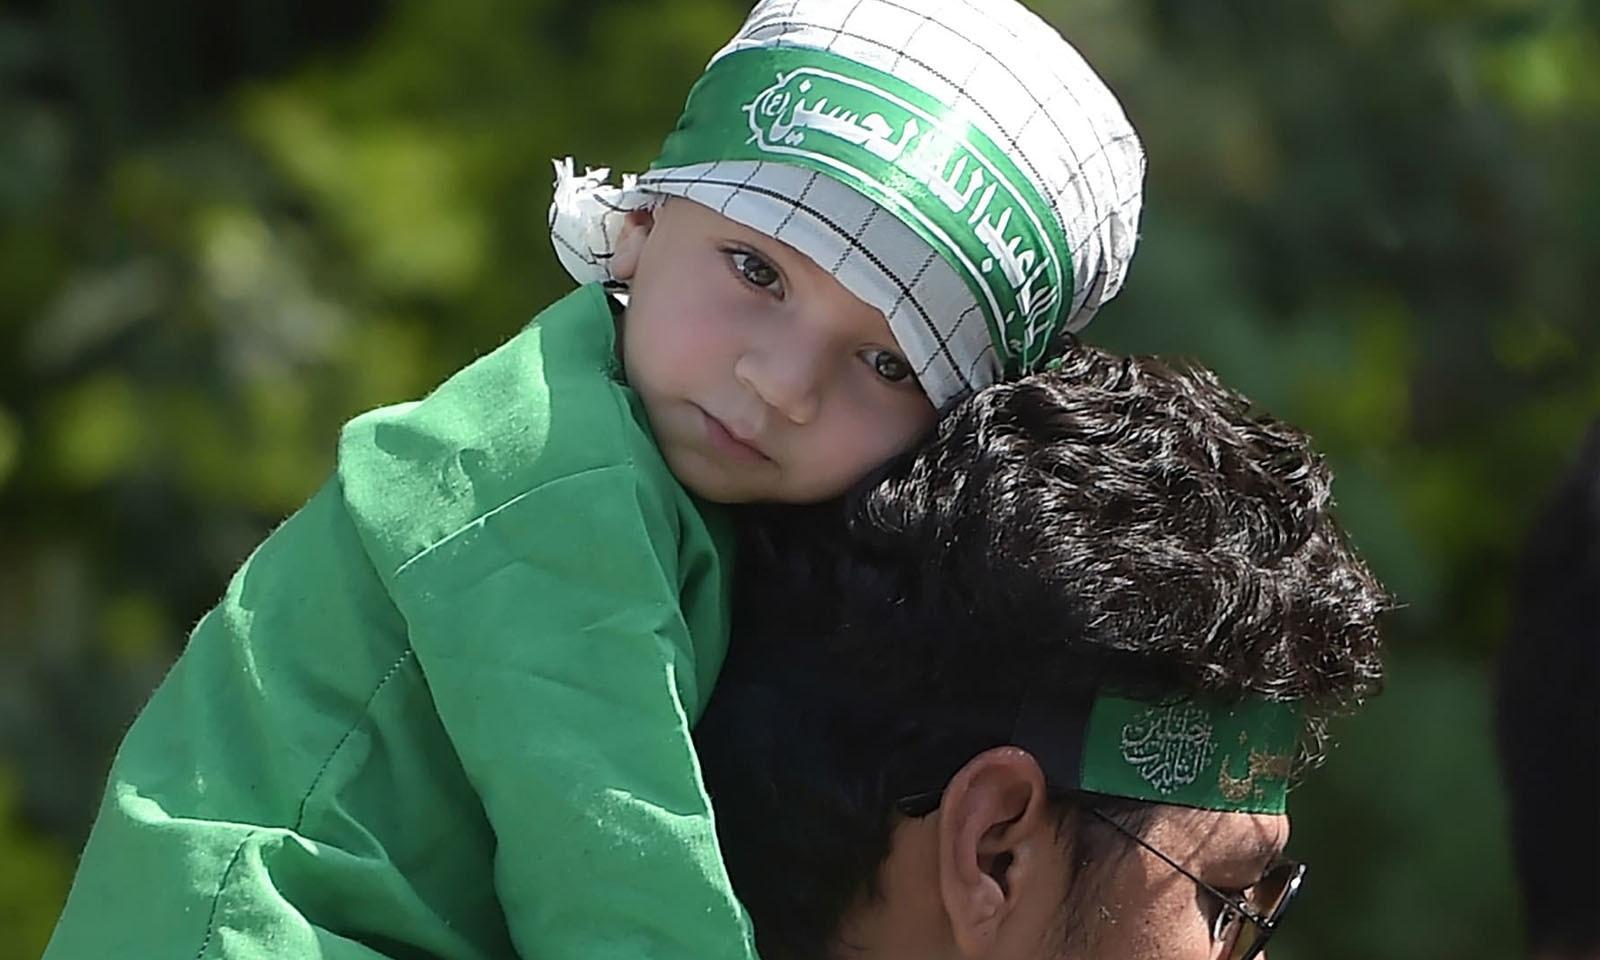 اسلام آباد میں یوم عاشور کے جلوس میں ایک بچی اپنے والد کے کندھے پر سوار ہے—فوٹو: اے ایف پی